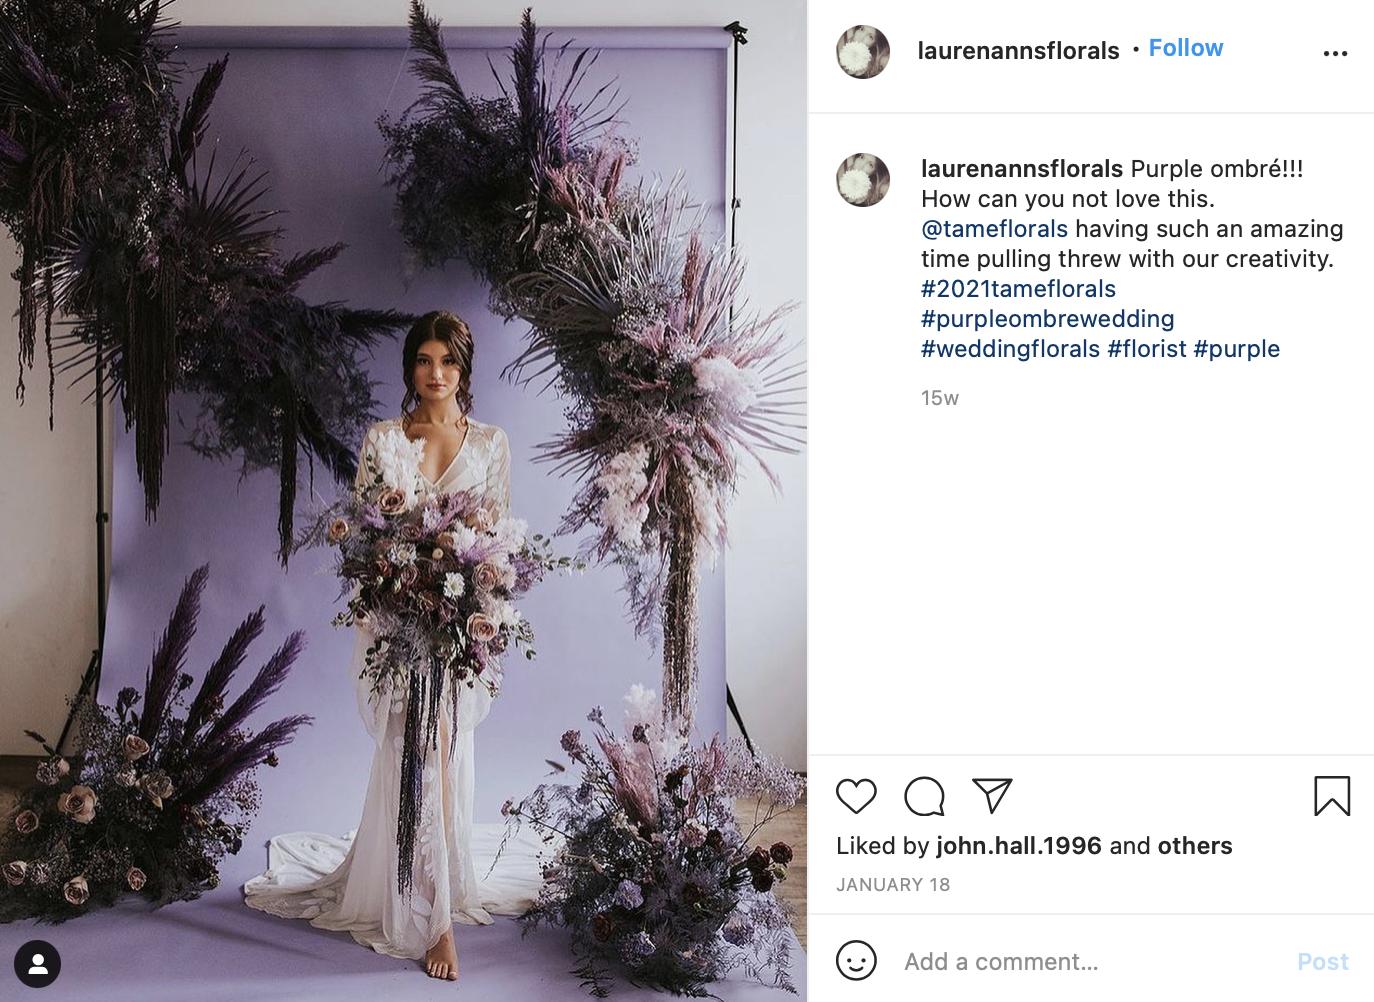 bridal portrait behind purple gradient backdrop